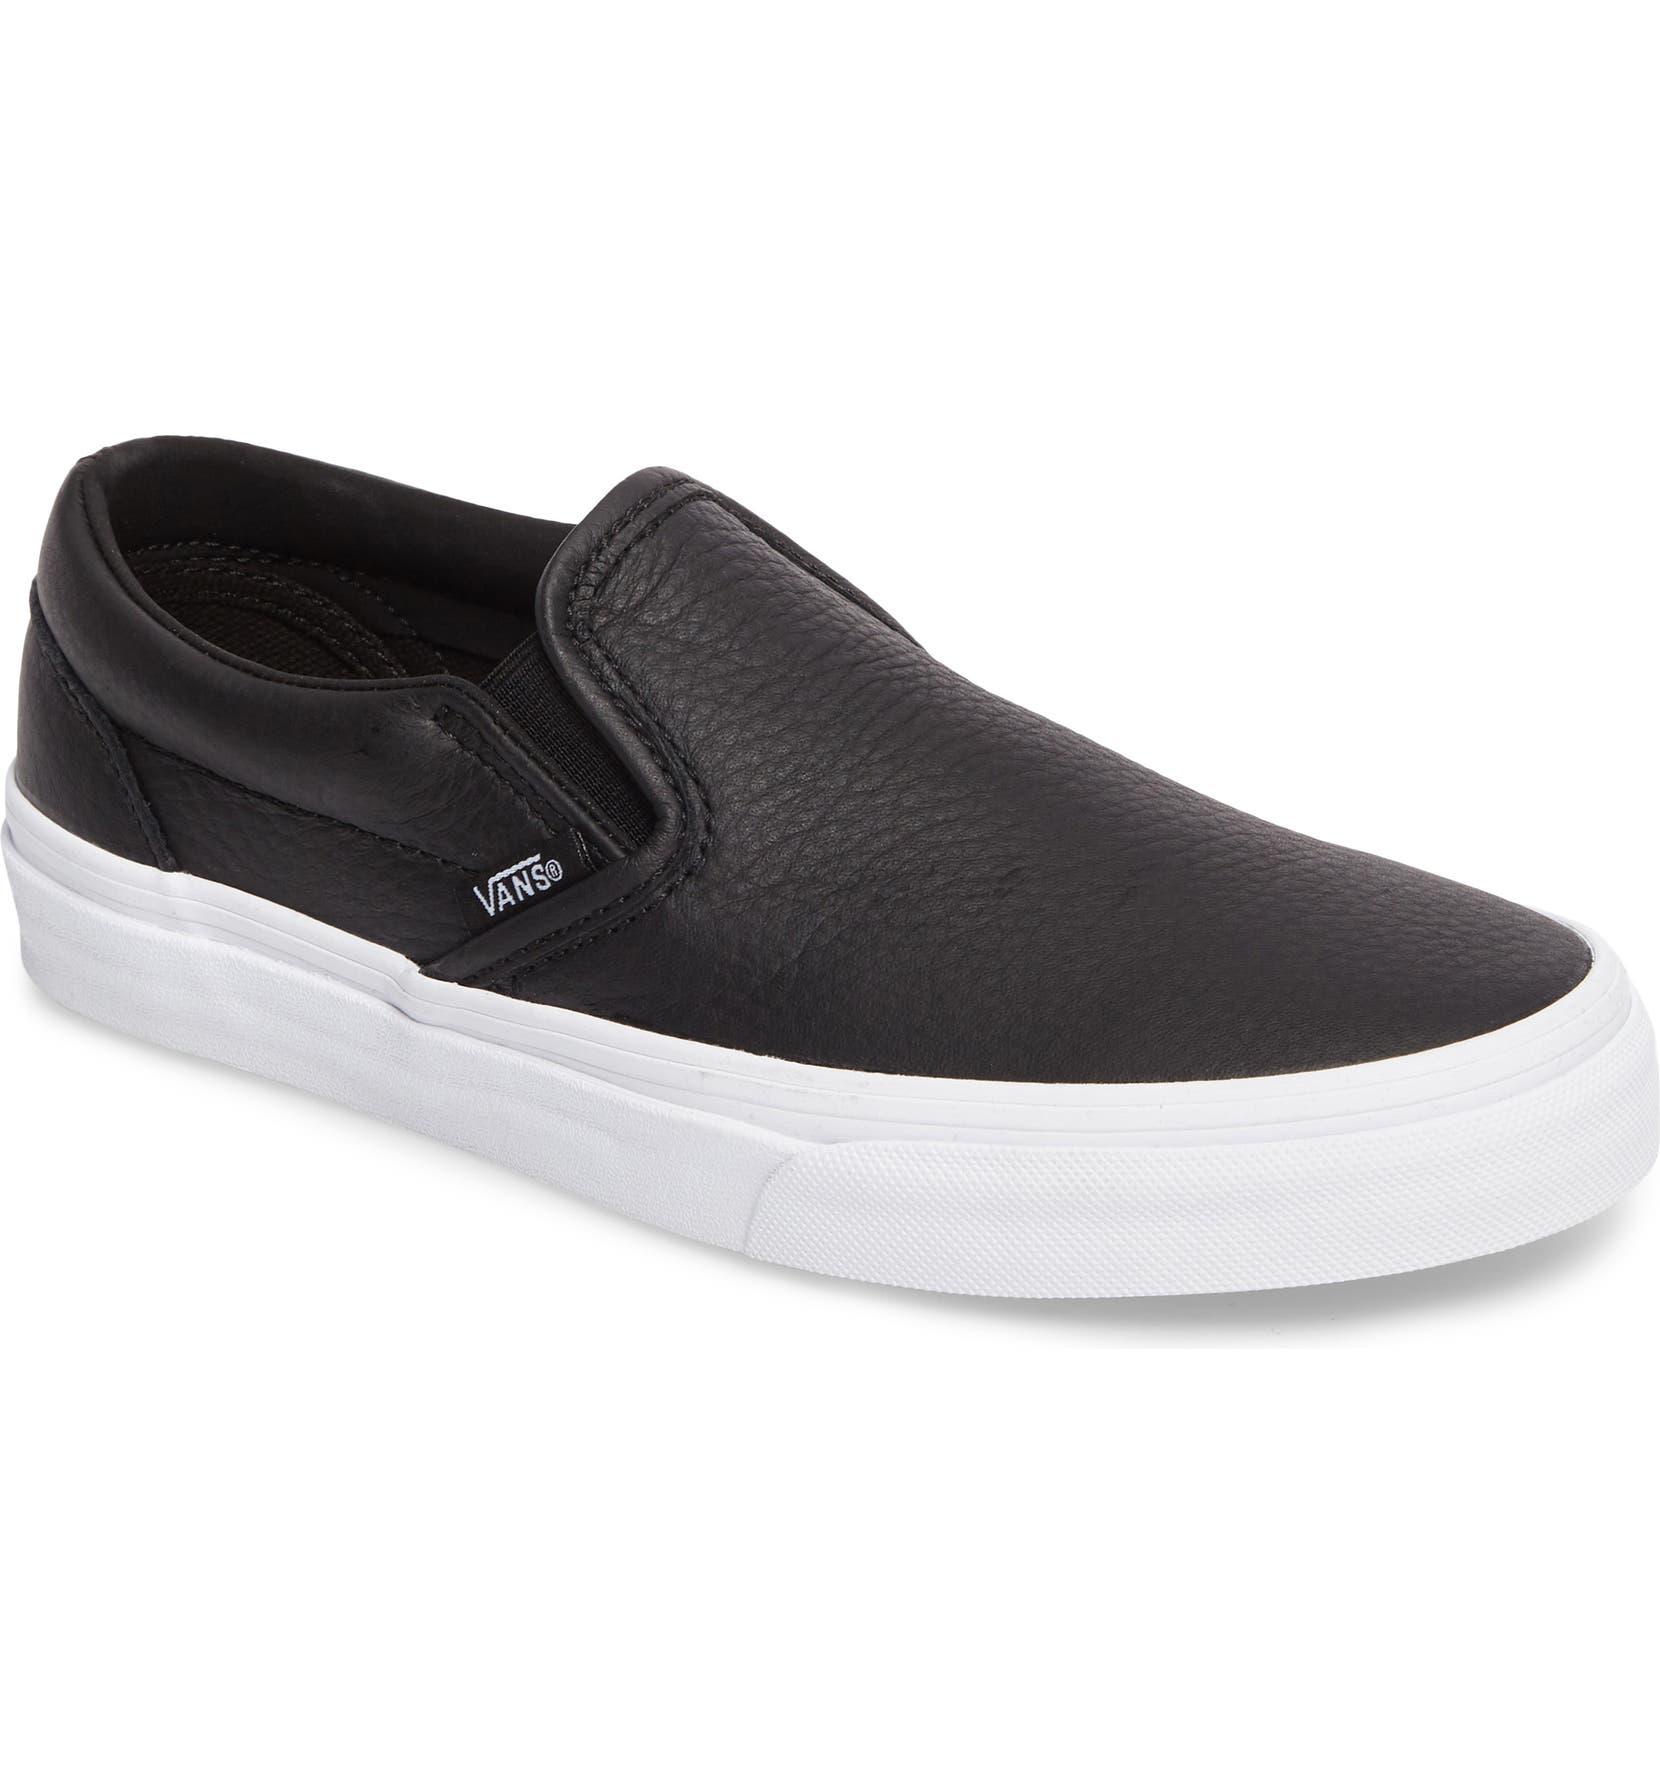 6384bf022b47 Vans Classic Slip-On Sneaker (Women)